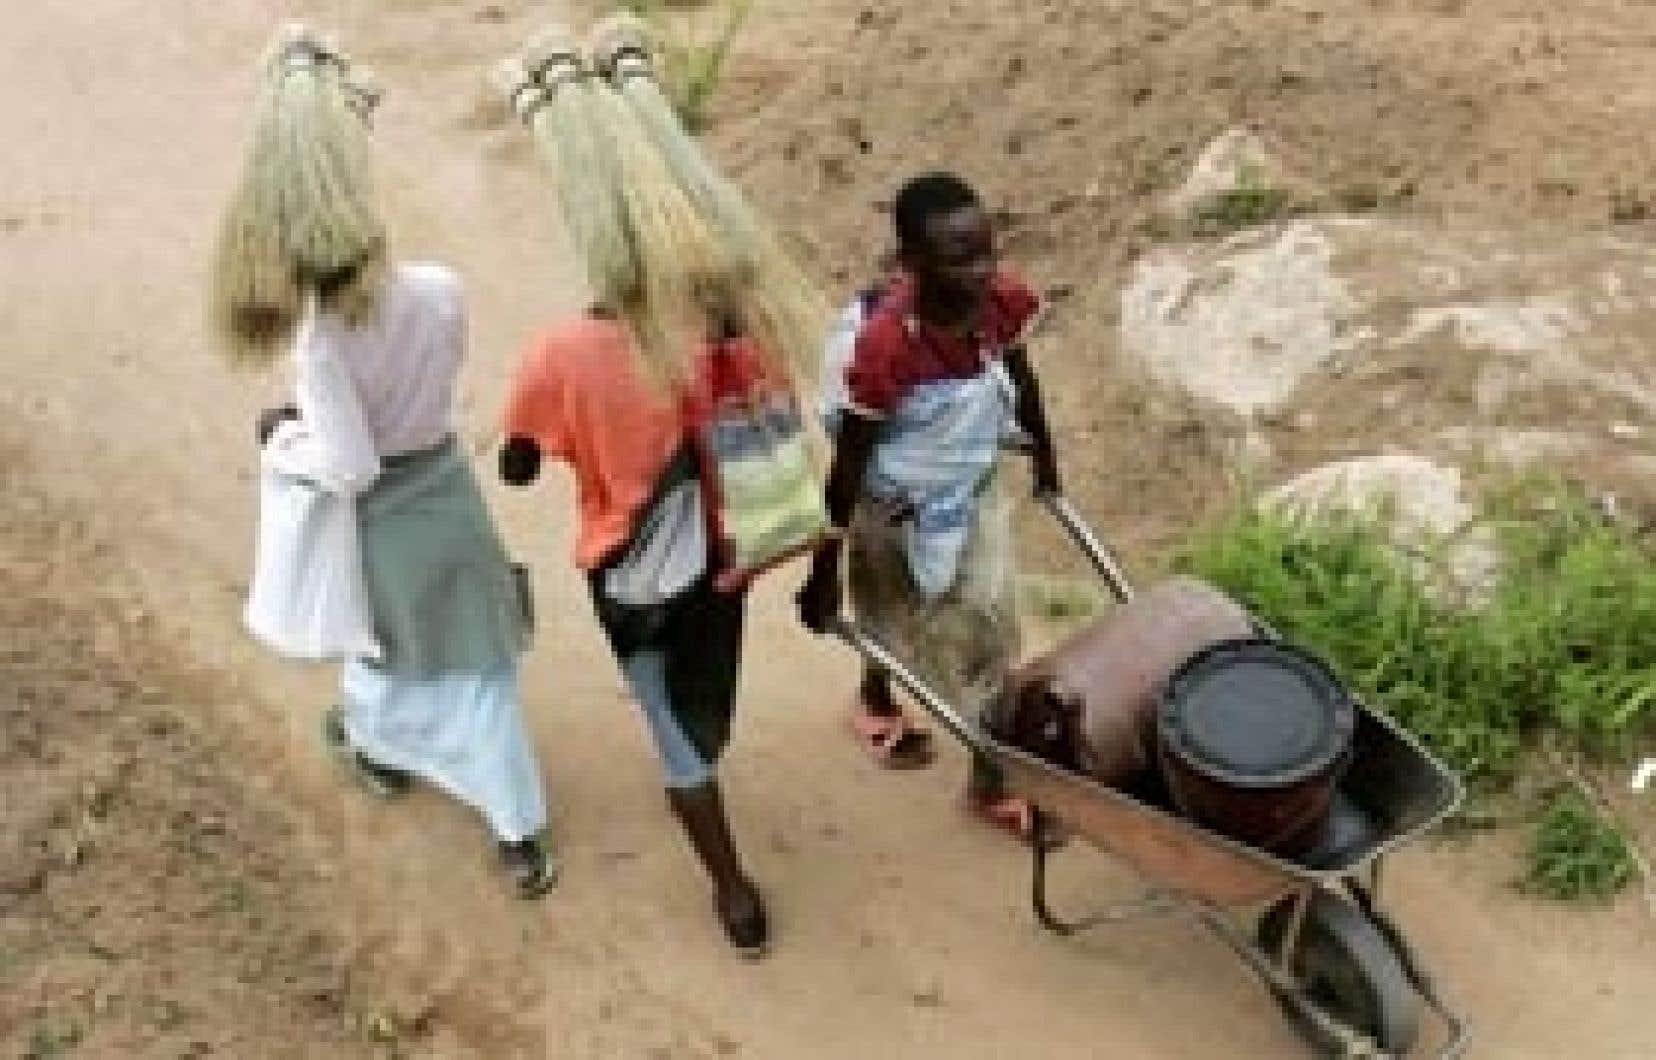 Pendant que Mugabe discute, des piétons s'affairent à tenter de contrer les conditions de vie inouïes du pays.